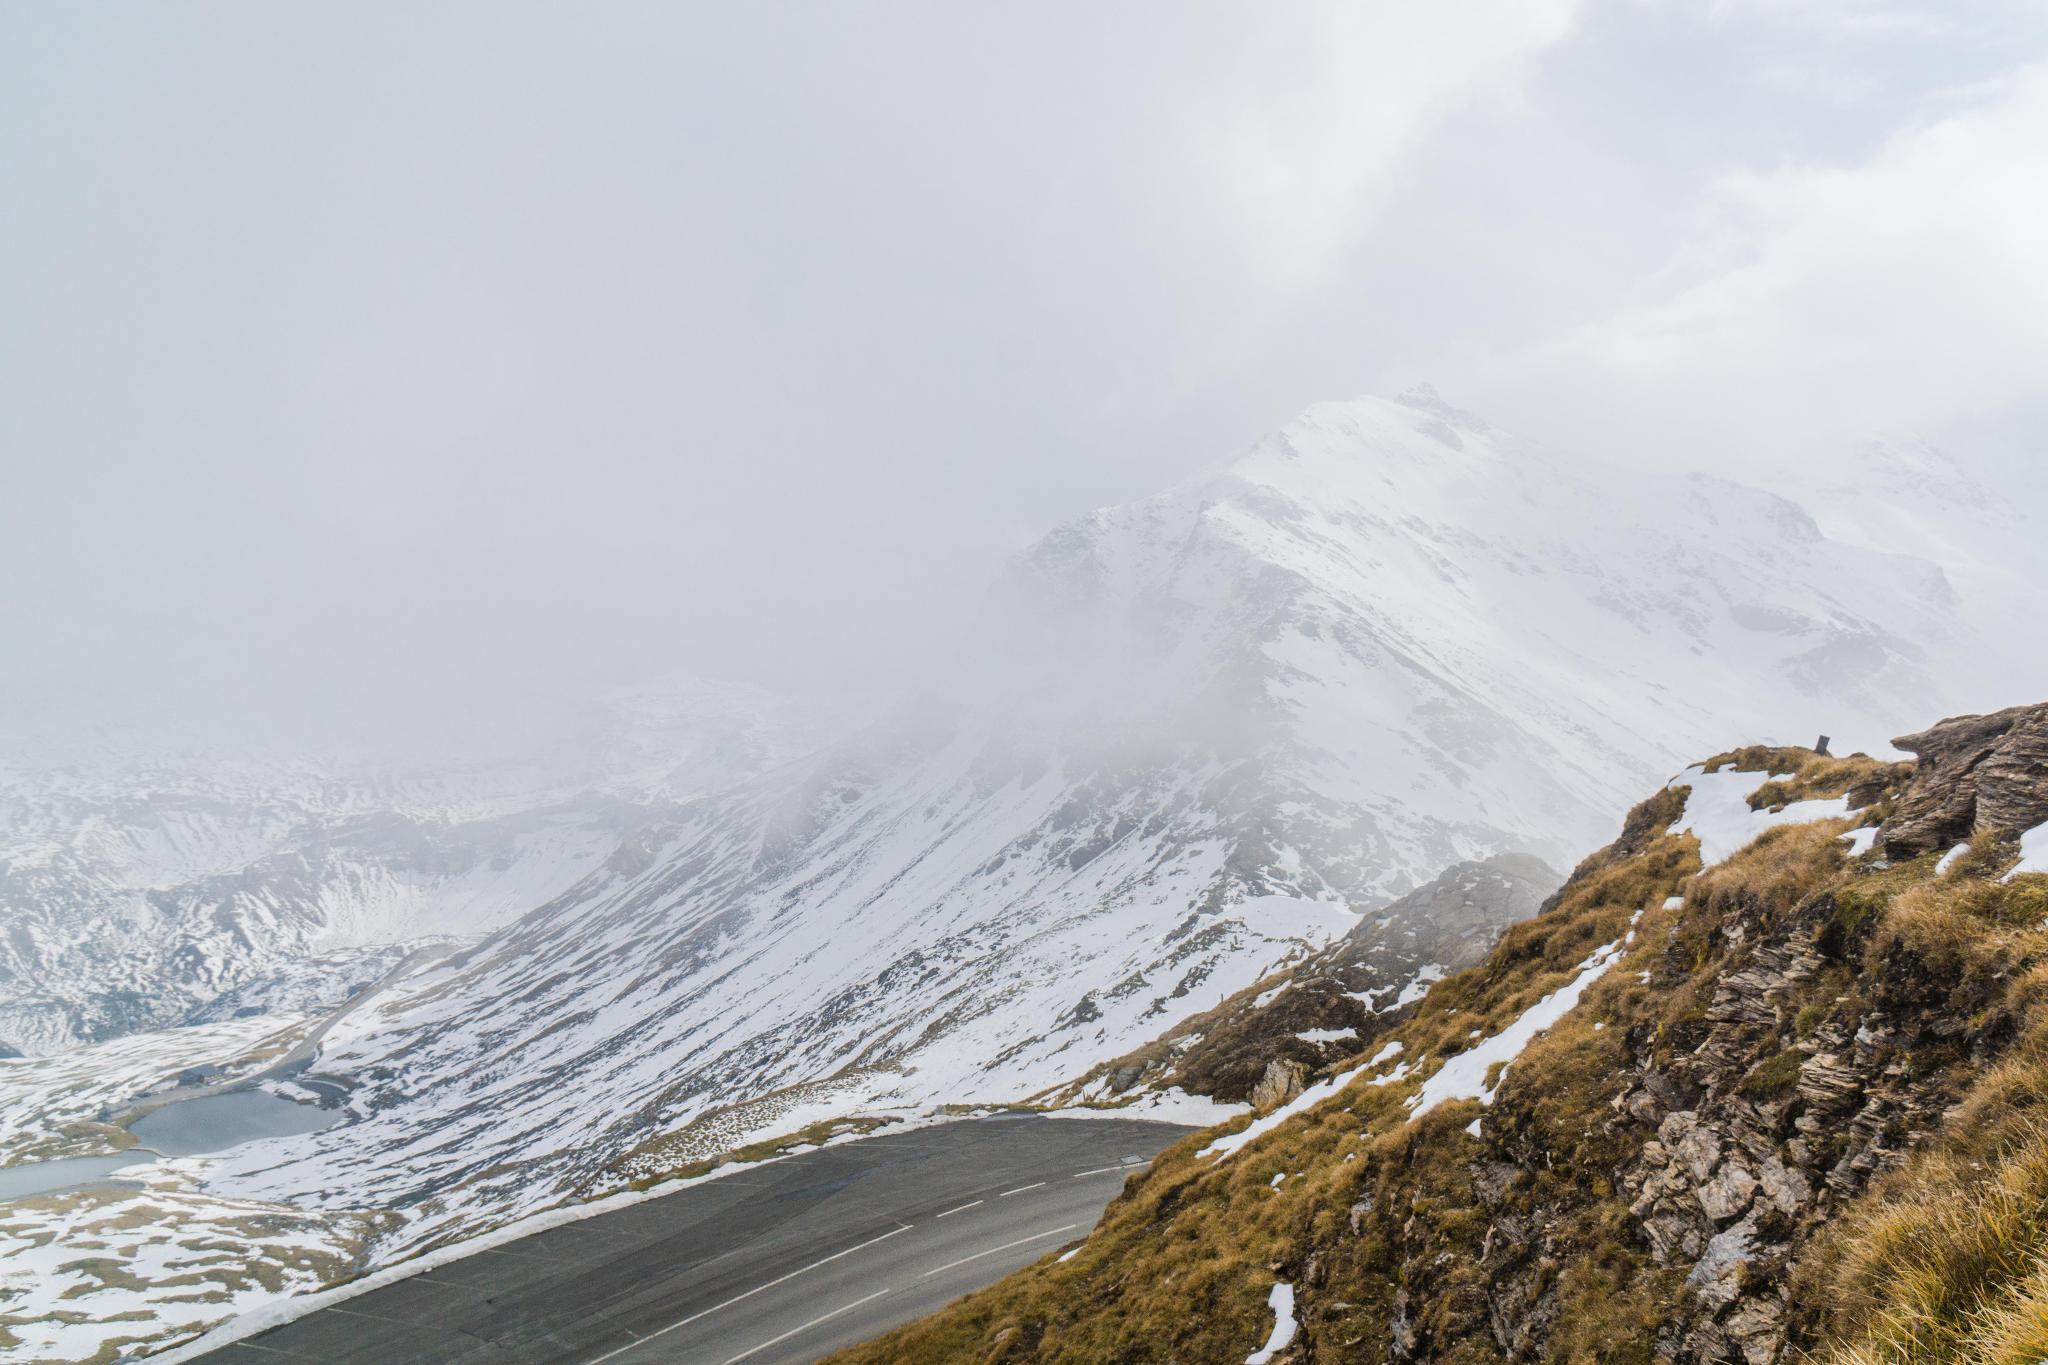 【奧地利】穿越阿爾卑斯之巔 — 奧地利大鐘山冰河公路 (Grossglockner High Alpine Road) 59